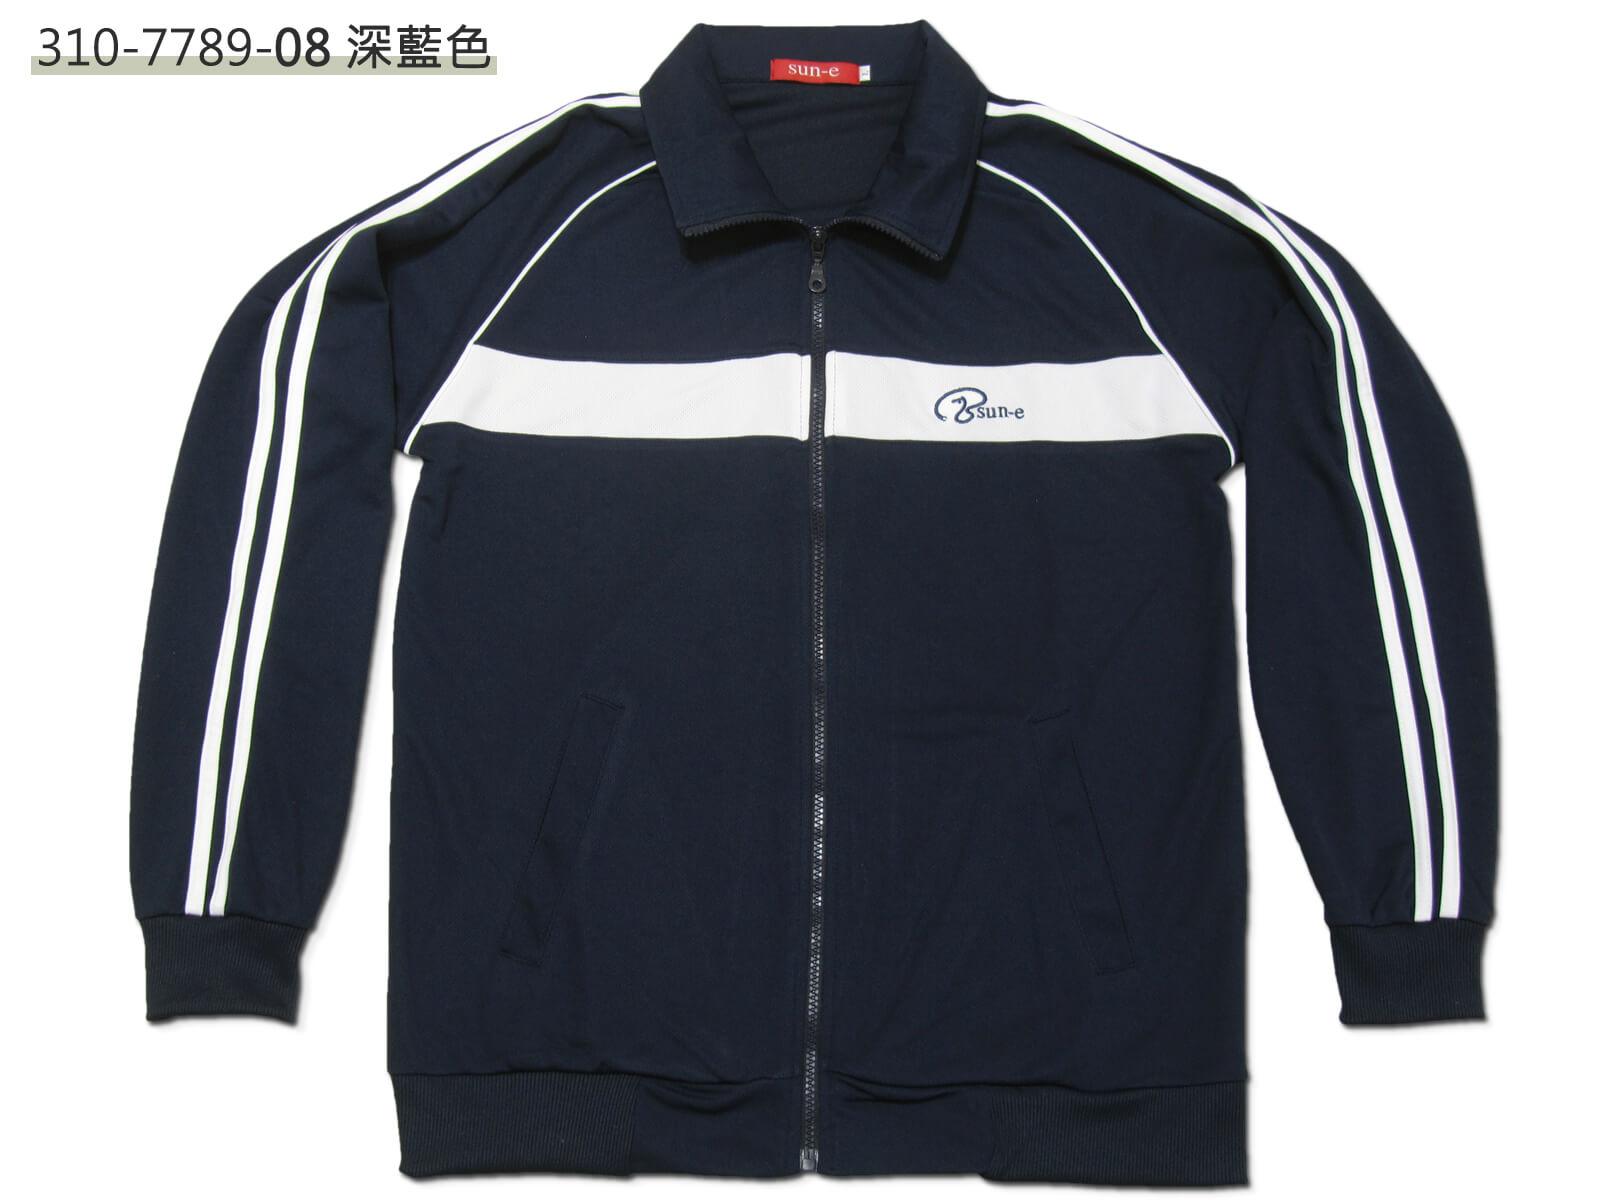 sun-e台灣製吸濕排汗薄外套、運動外套、單層薄外套、防曬外套、手臂配色織帶(310-7789-08)深藍色、(310-7789-21)黑色、(310-7789-22)深灰色 尺寸:L XL(胸圍:44~46英吋)(男女可穿) [實體店面保障] 1